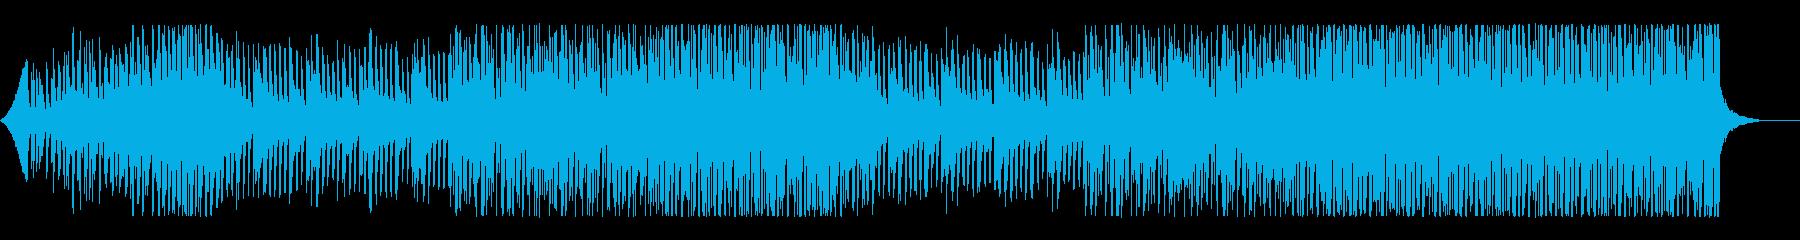 前向きで透明感のあるトロピカルハウスの再生済みの波形